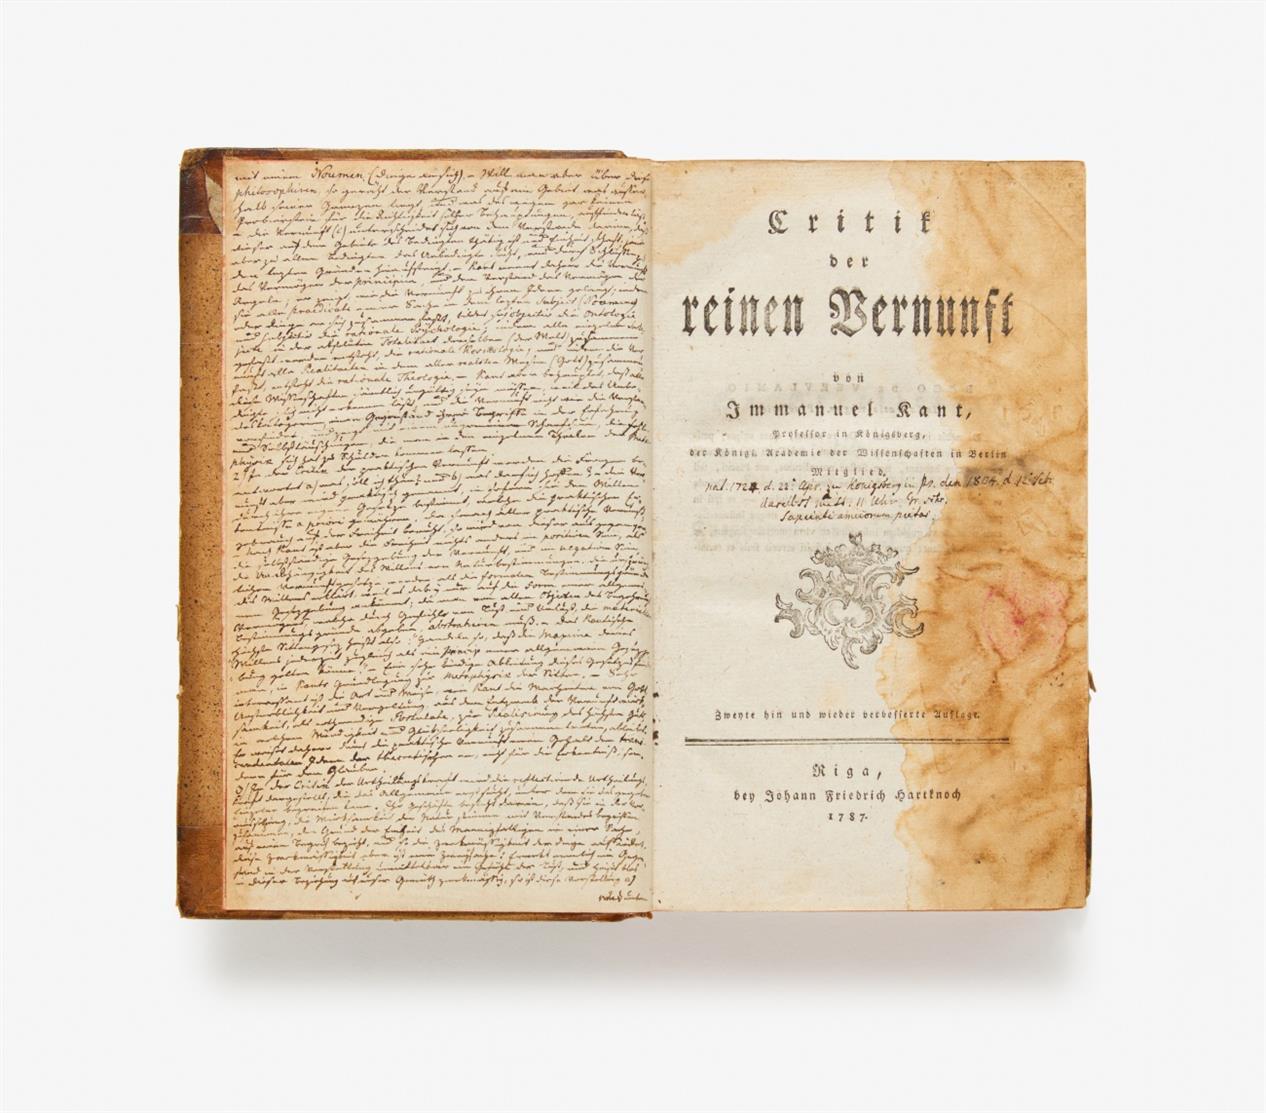 I. Kant, Critik der reinen Vernunft. Zweyte Auflage. Riga 1787.